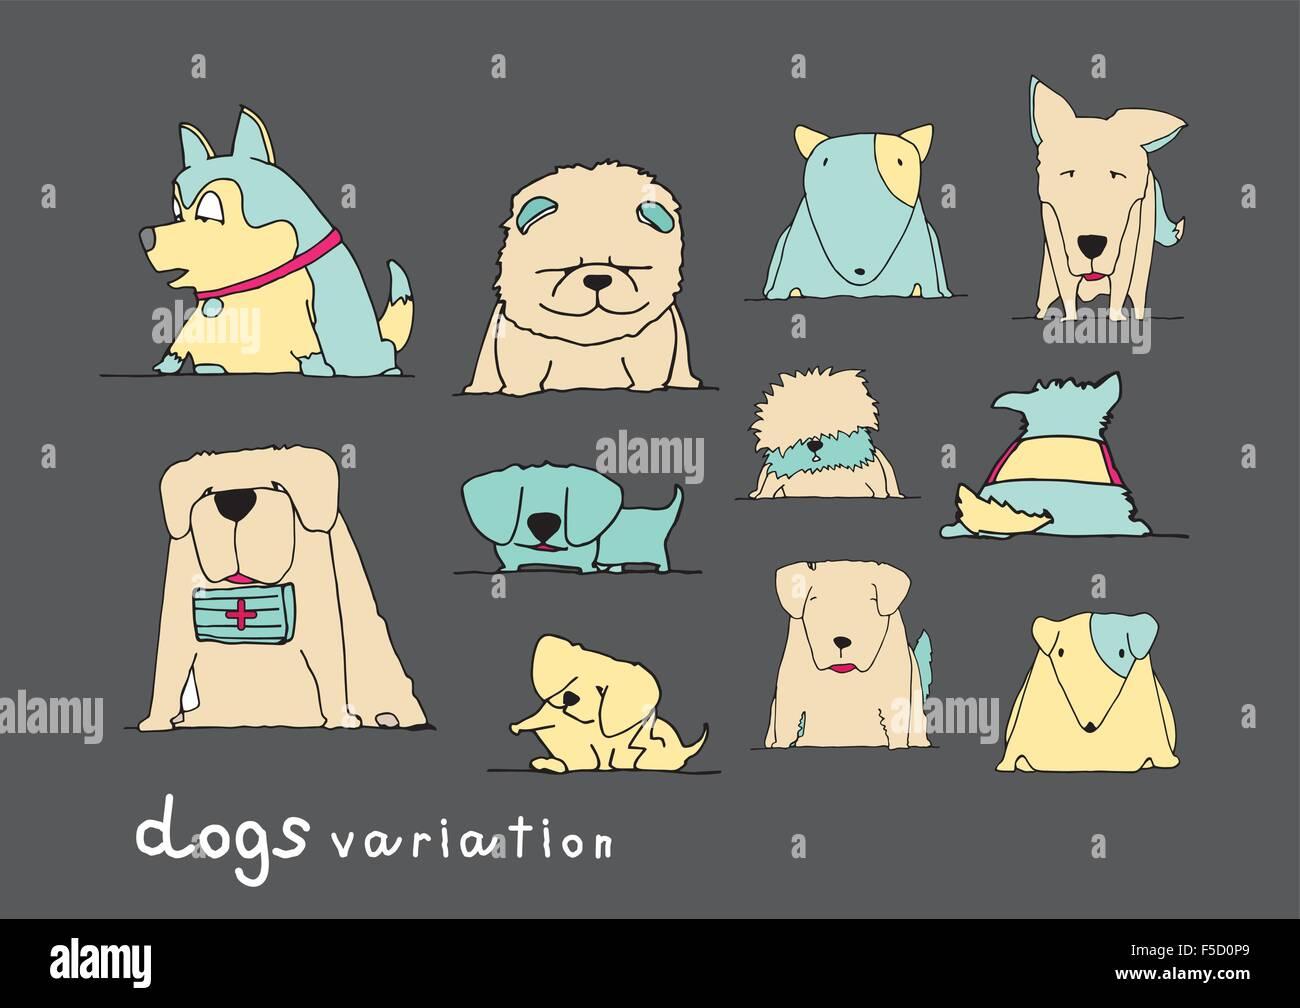 Perros variación doodle color pastel sobre fondo gris oscuro Imagen De Stock